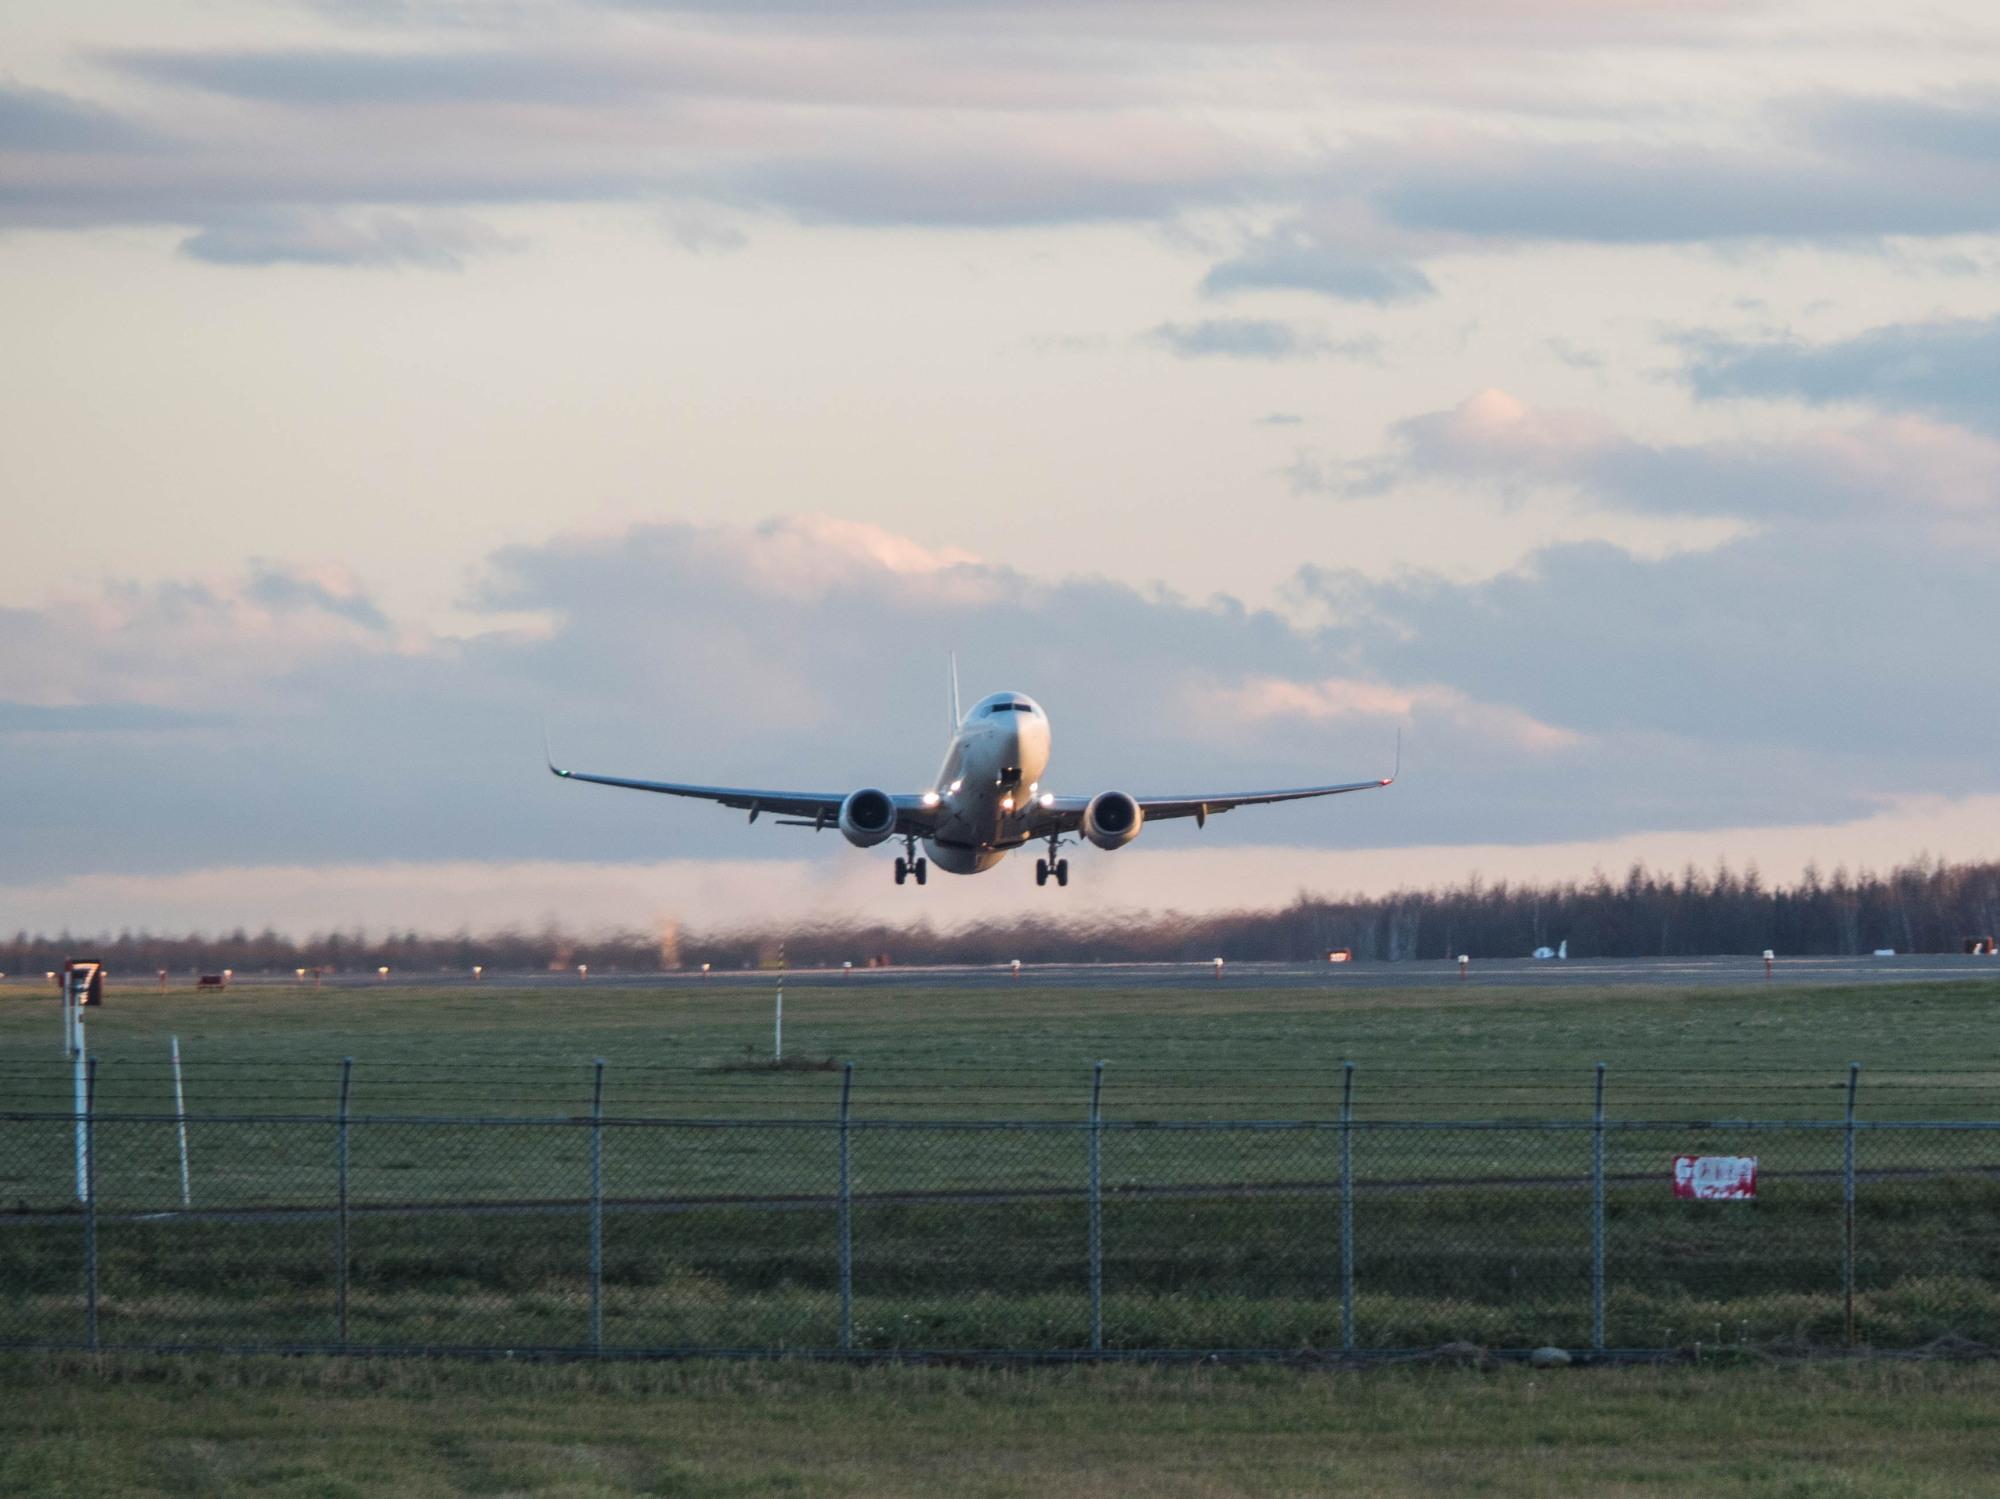 「とかち帯広空港」すぐ近くで航空機の離発着が見れる場所へ_f0276498_14242014.jpg